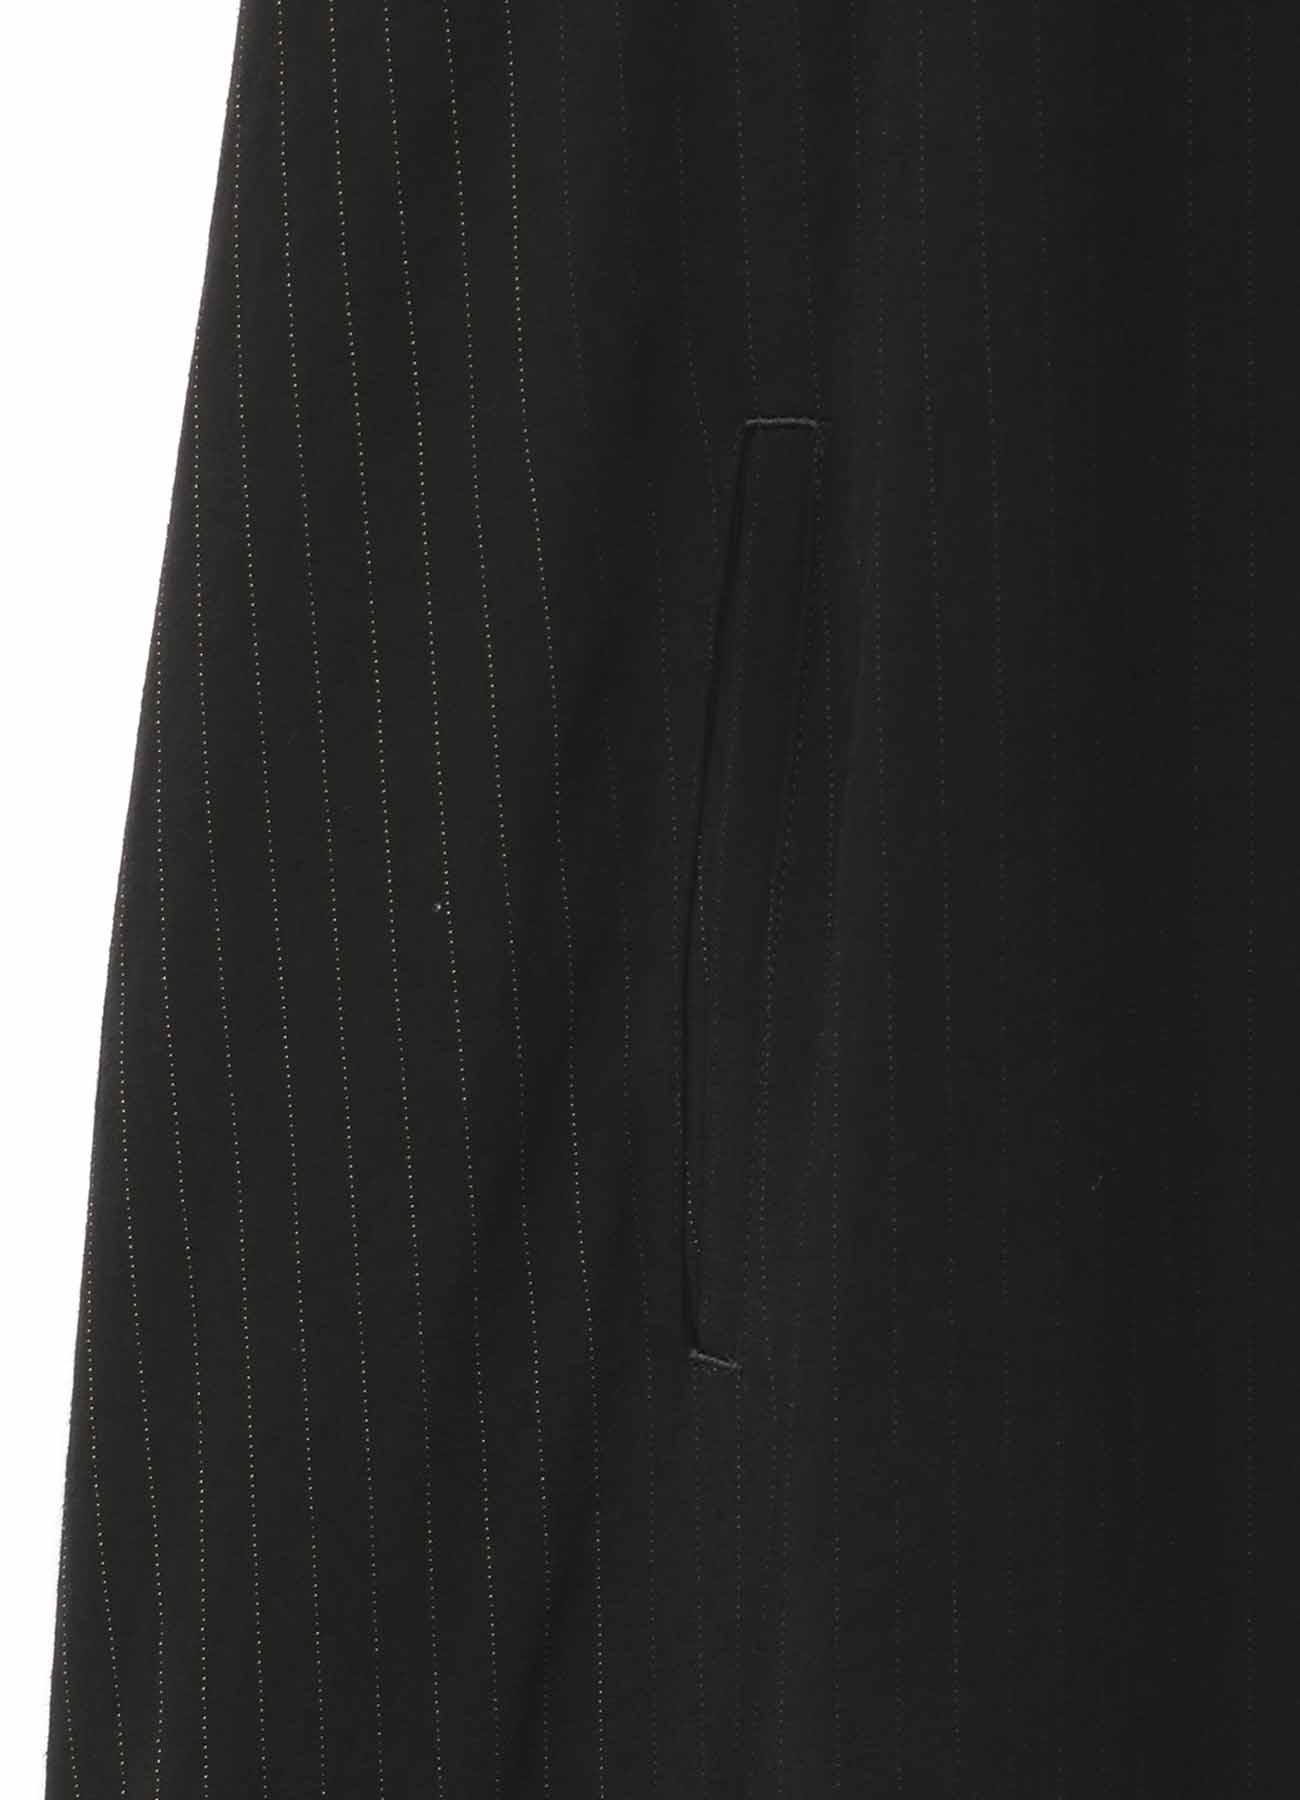 人造丝缎面条纹翻盖口袋衬衫裙